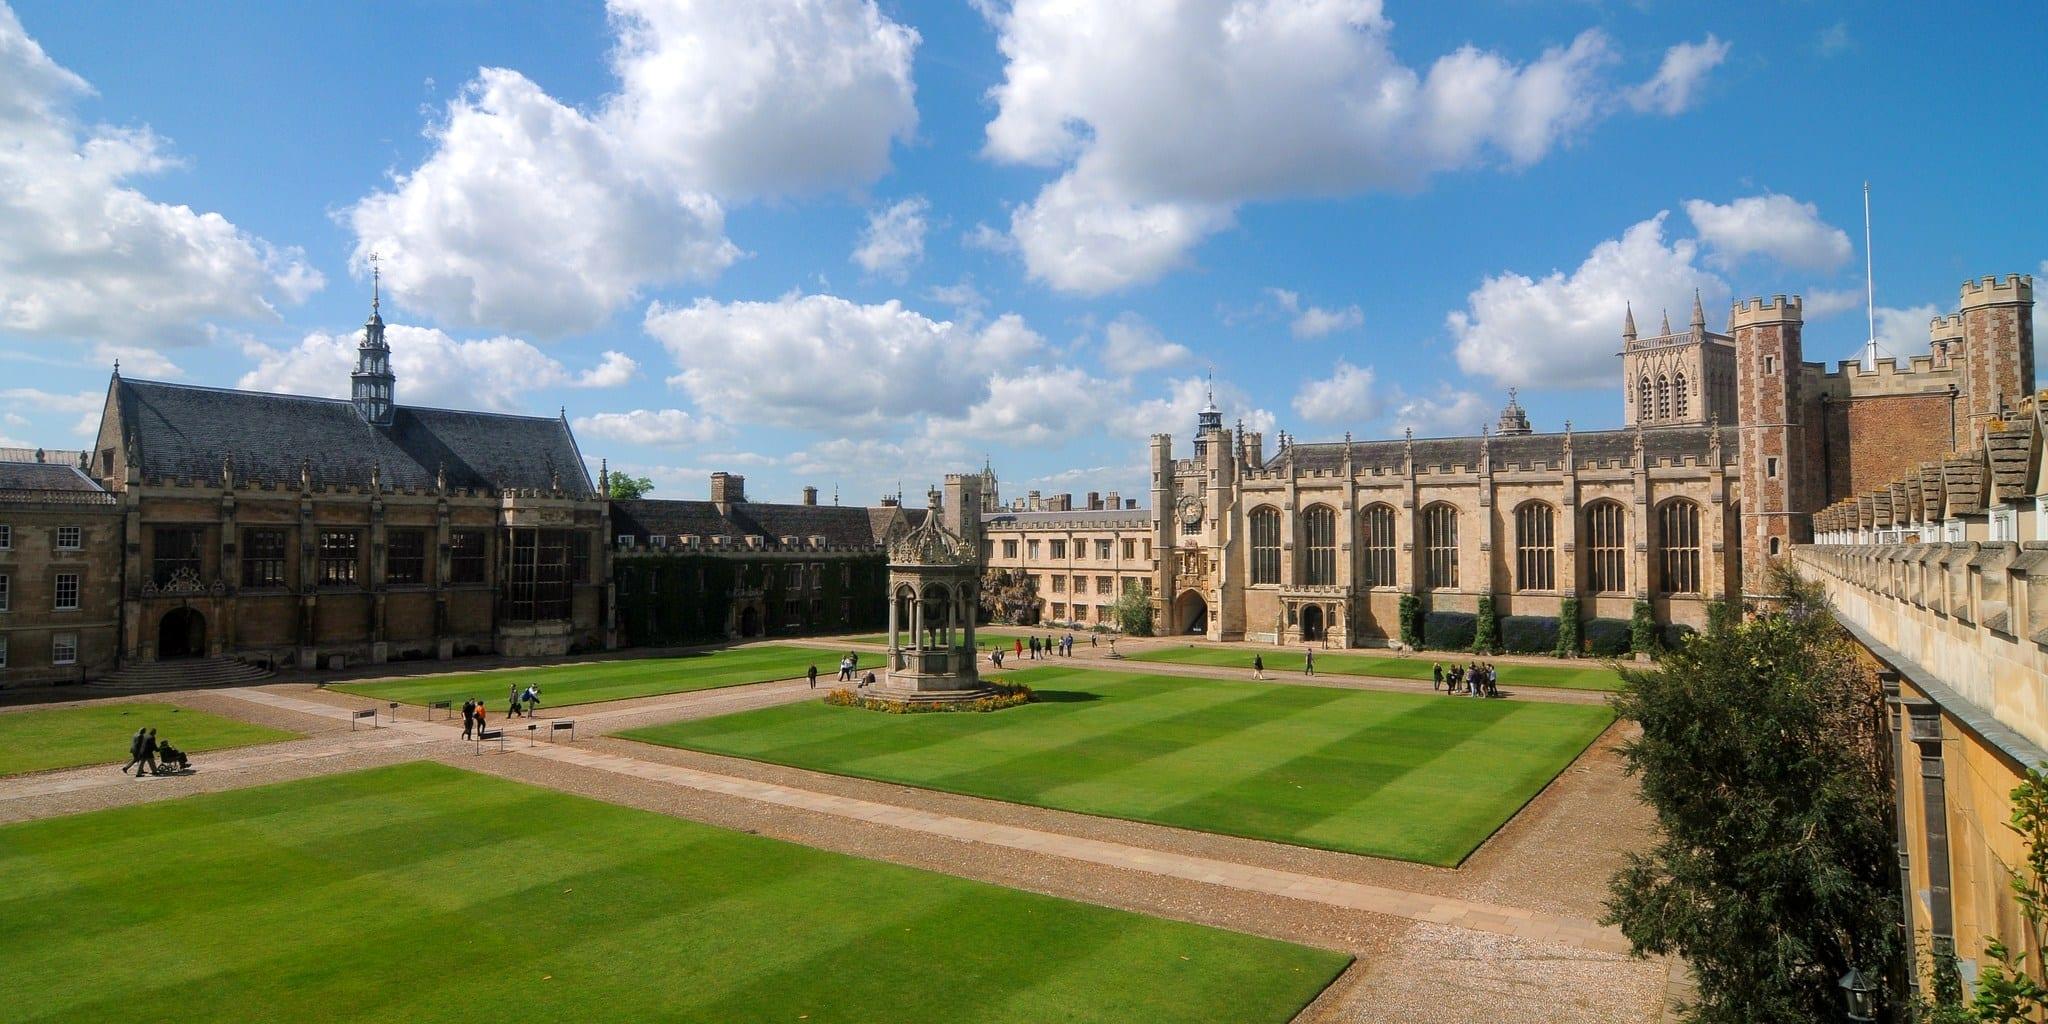 Trinity College Cambridge españoles viven, trabajan y estudian en Cambridge reino unido